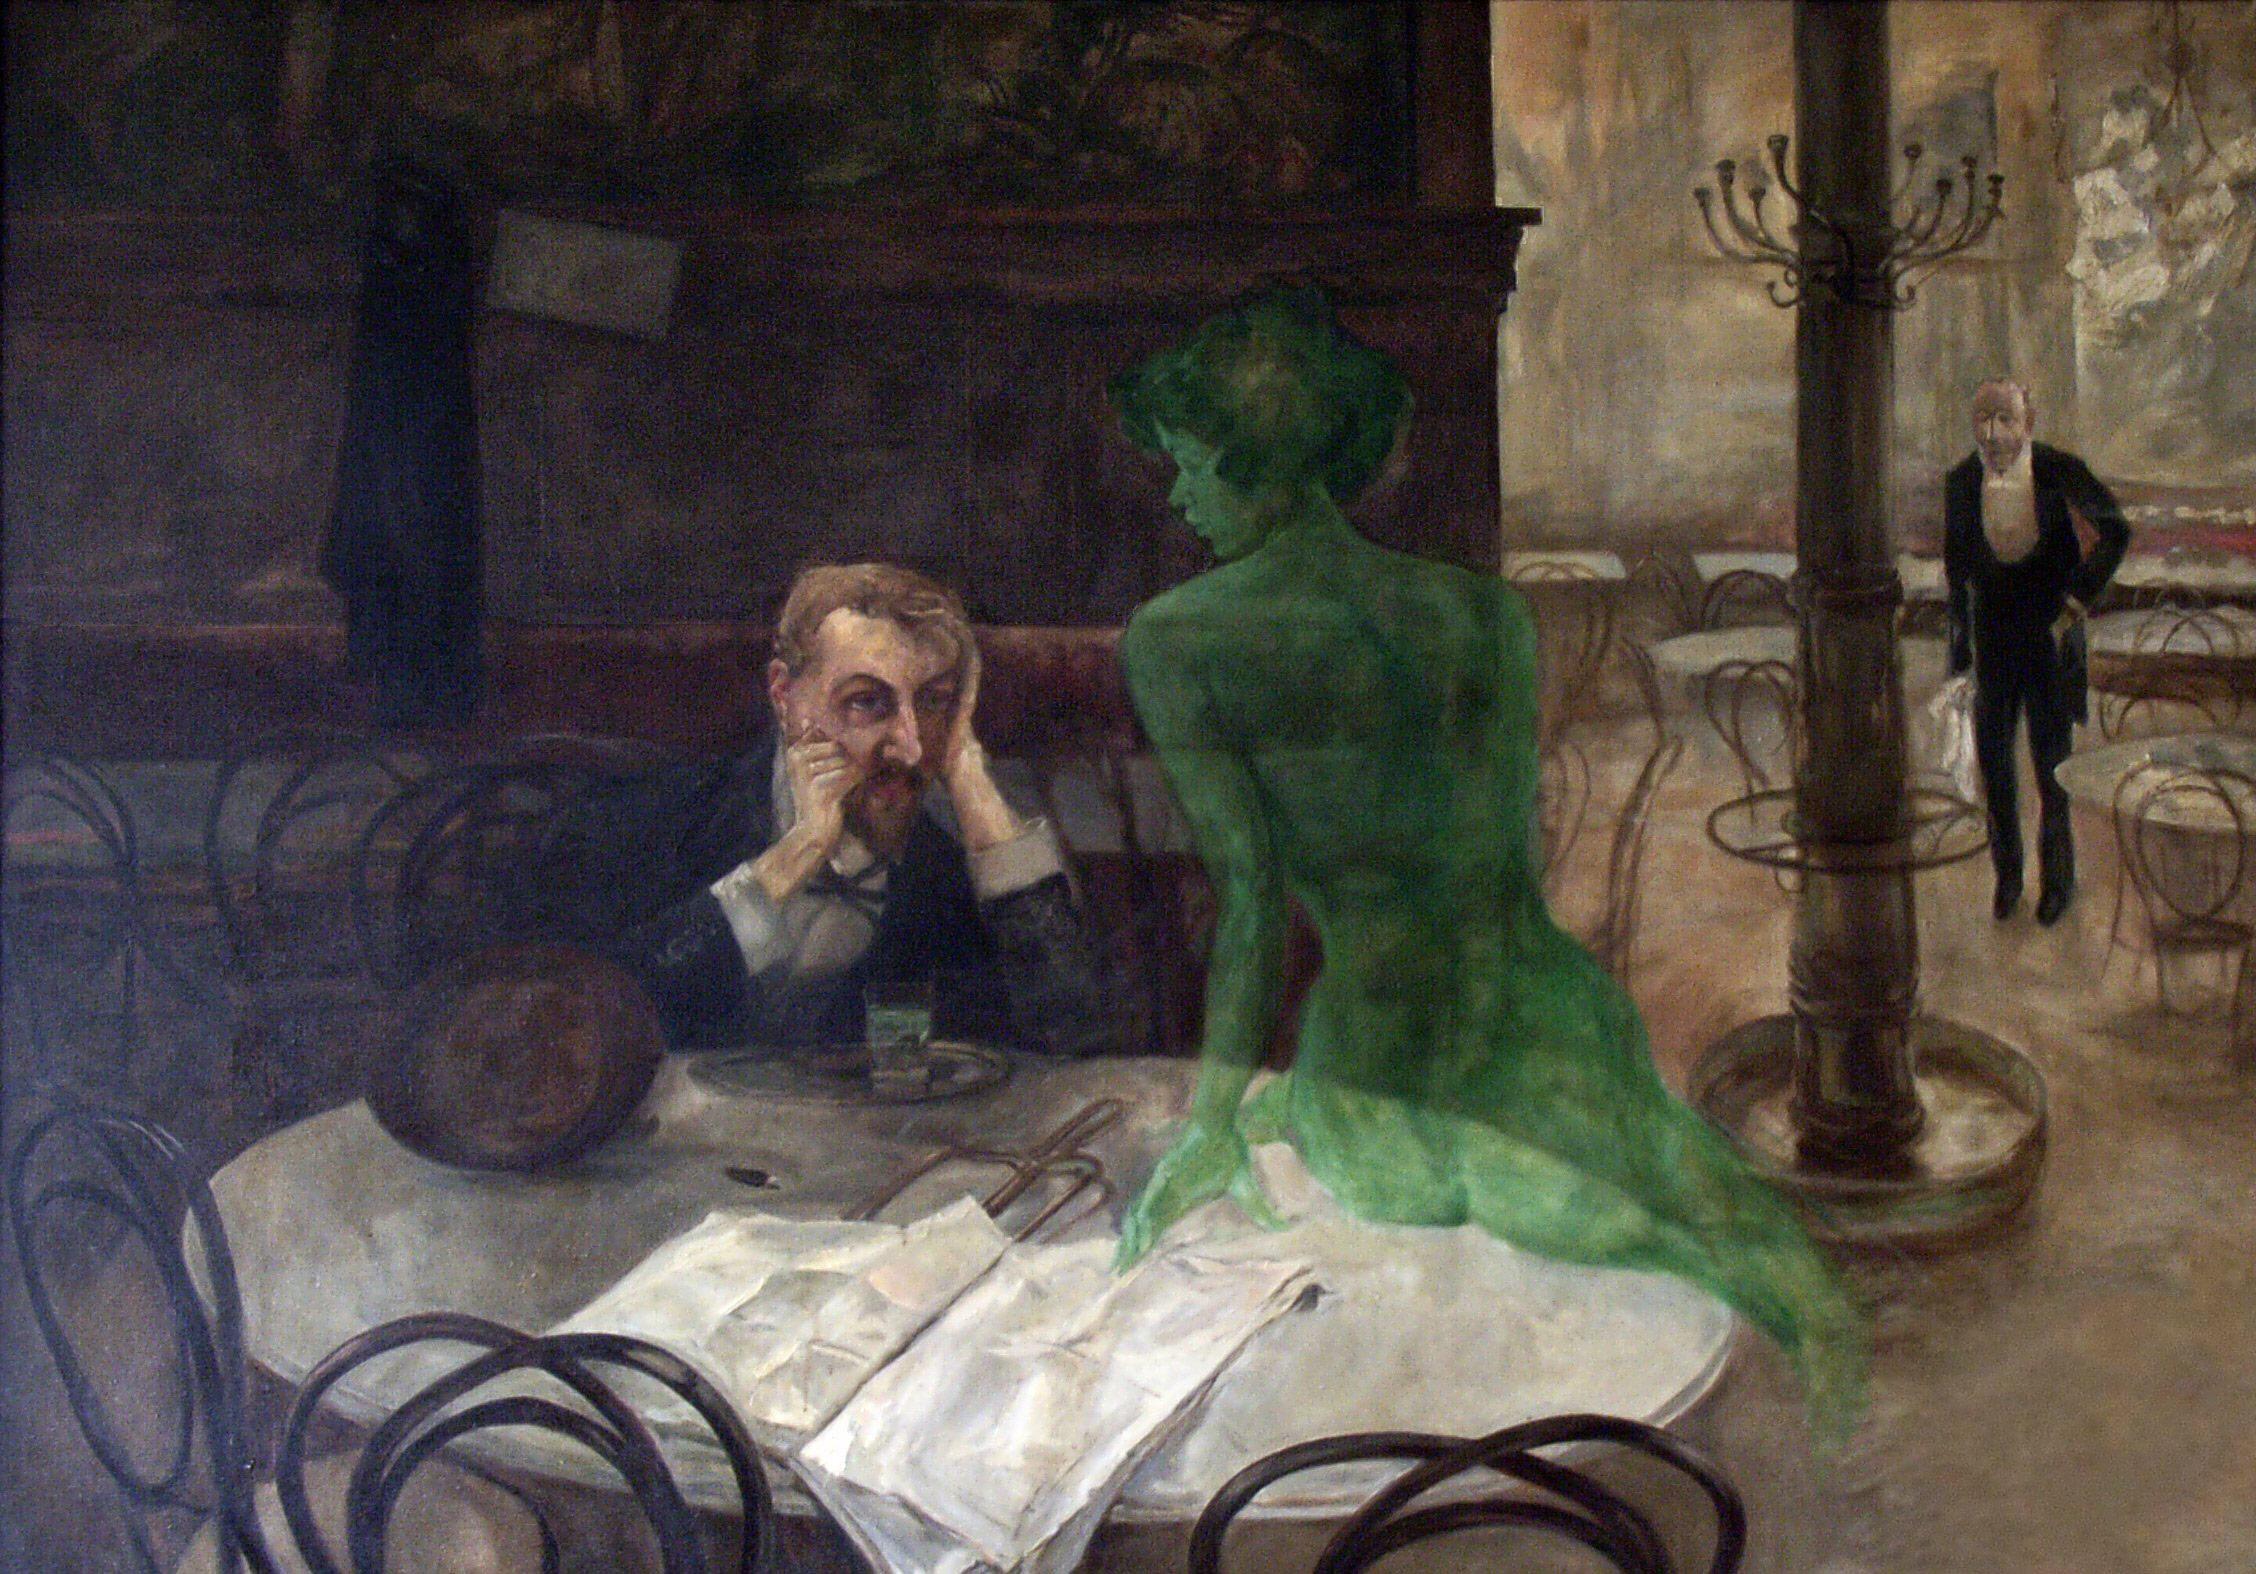 Das Nervengift Thujon verursachte Halluzinationen, wenn man früher Absinth trank.